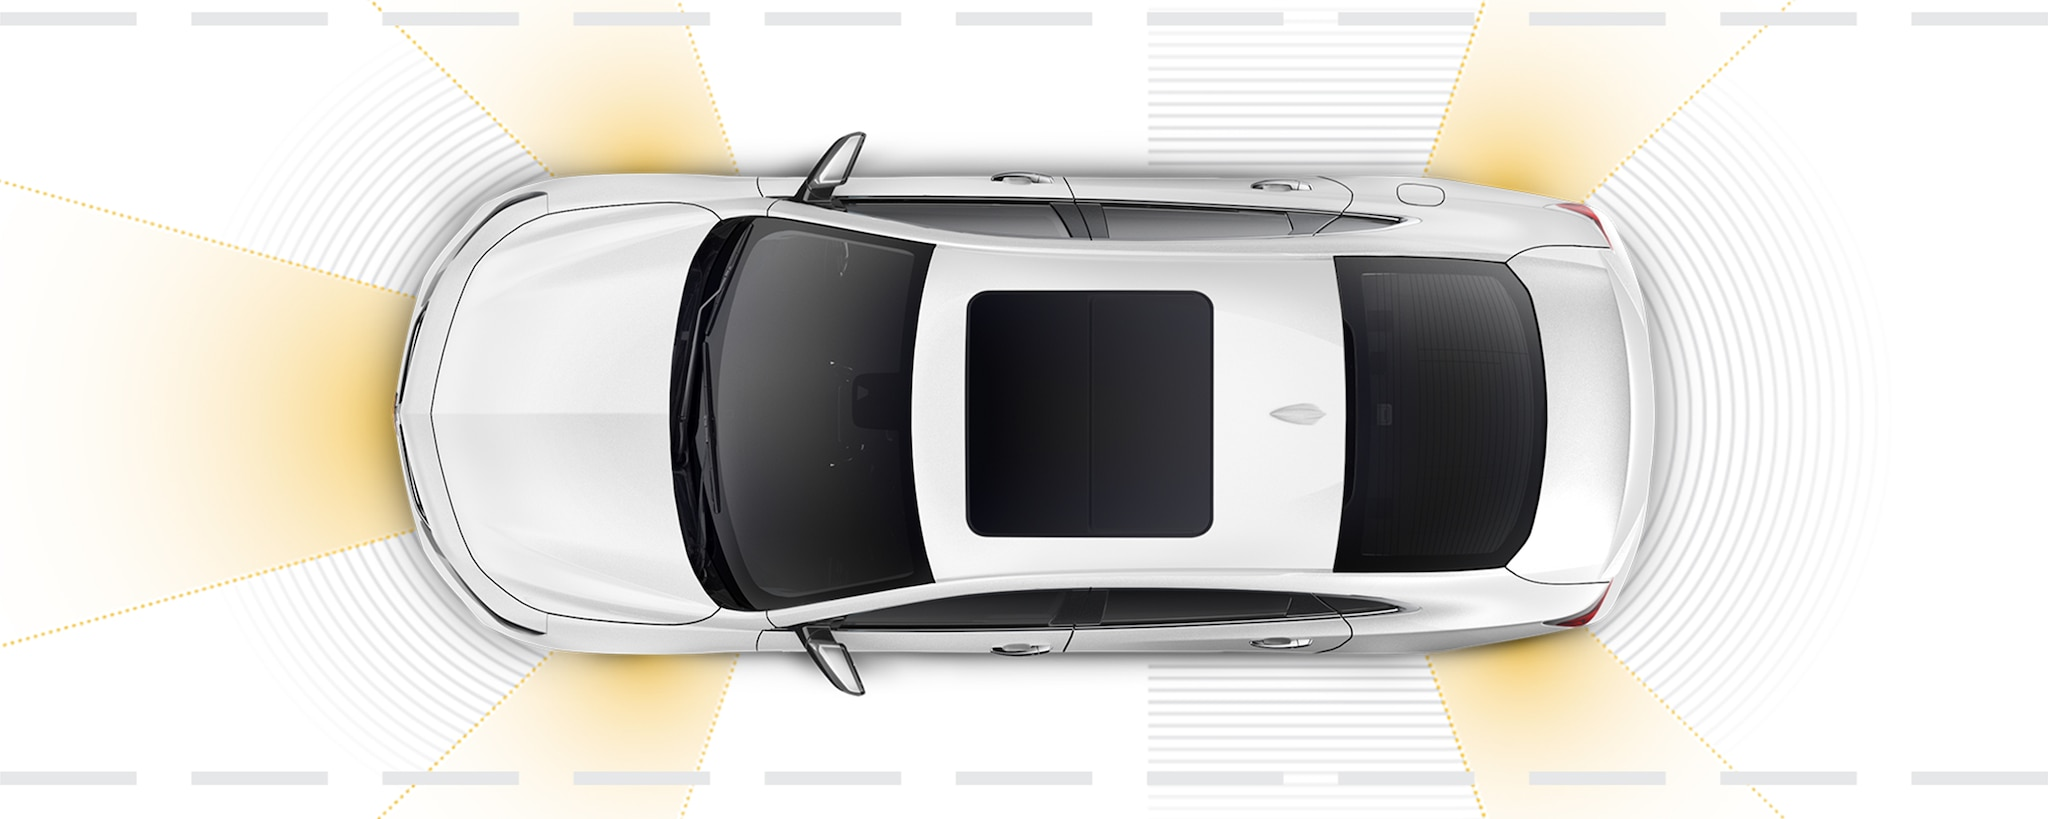 Seguridad del auto de tamaño mediano Chevrolet Malibu 2018: alertas de seguridad avanzadas